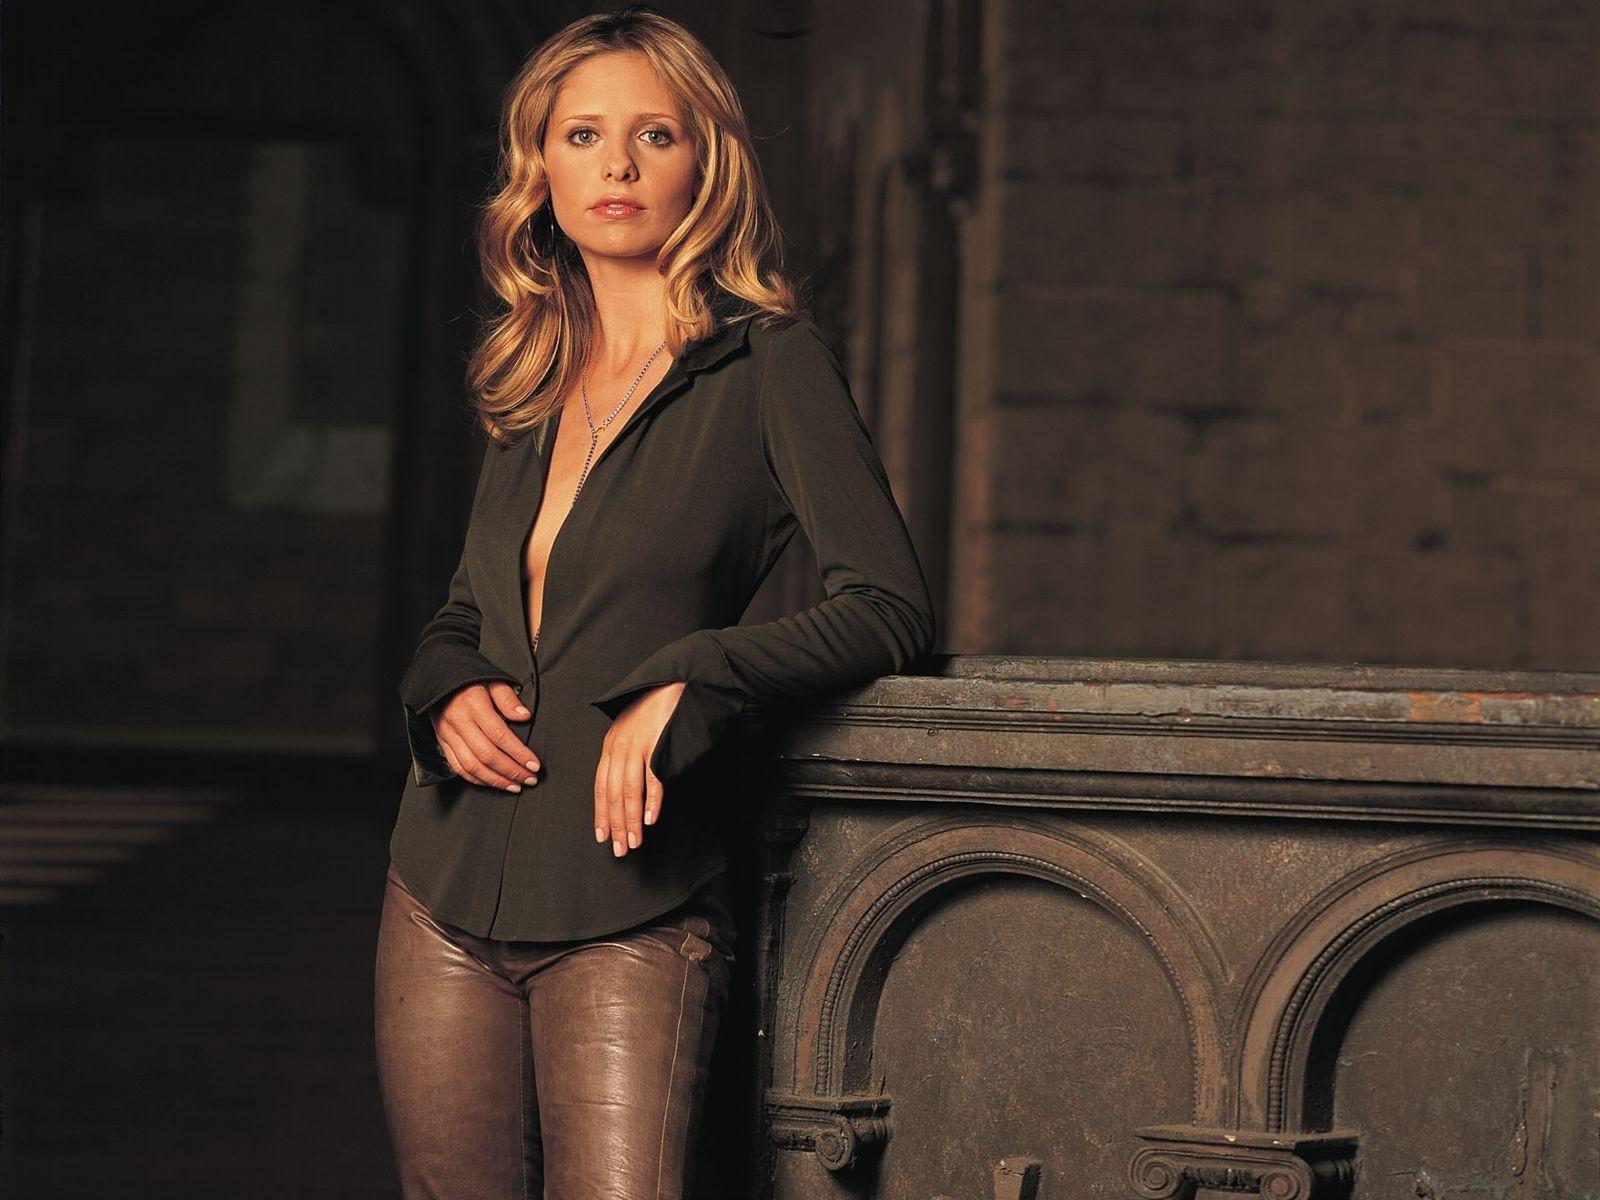 Wallpaper di Sarah Michelle Gellar - l'attrice di Buffy è nata il 14 aprile '77